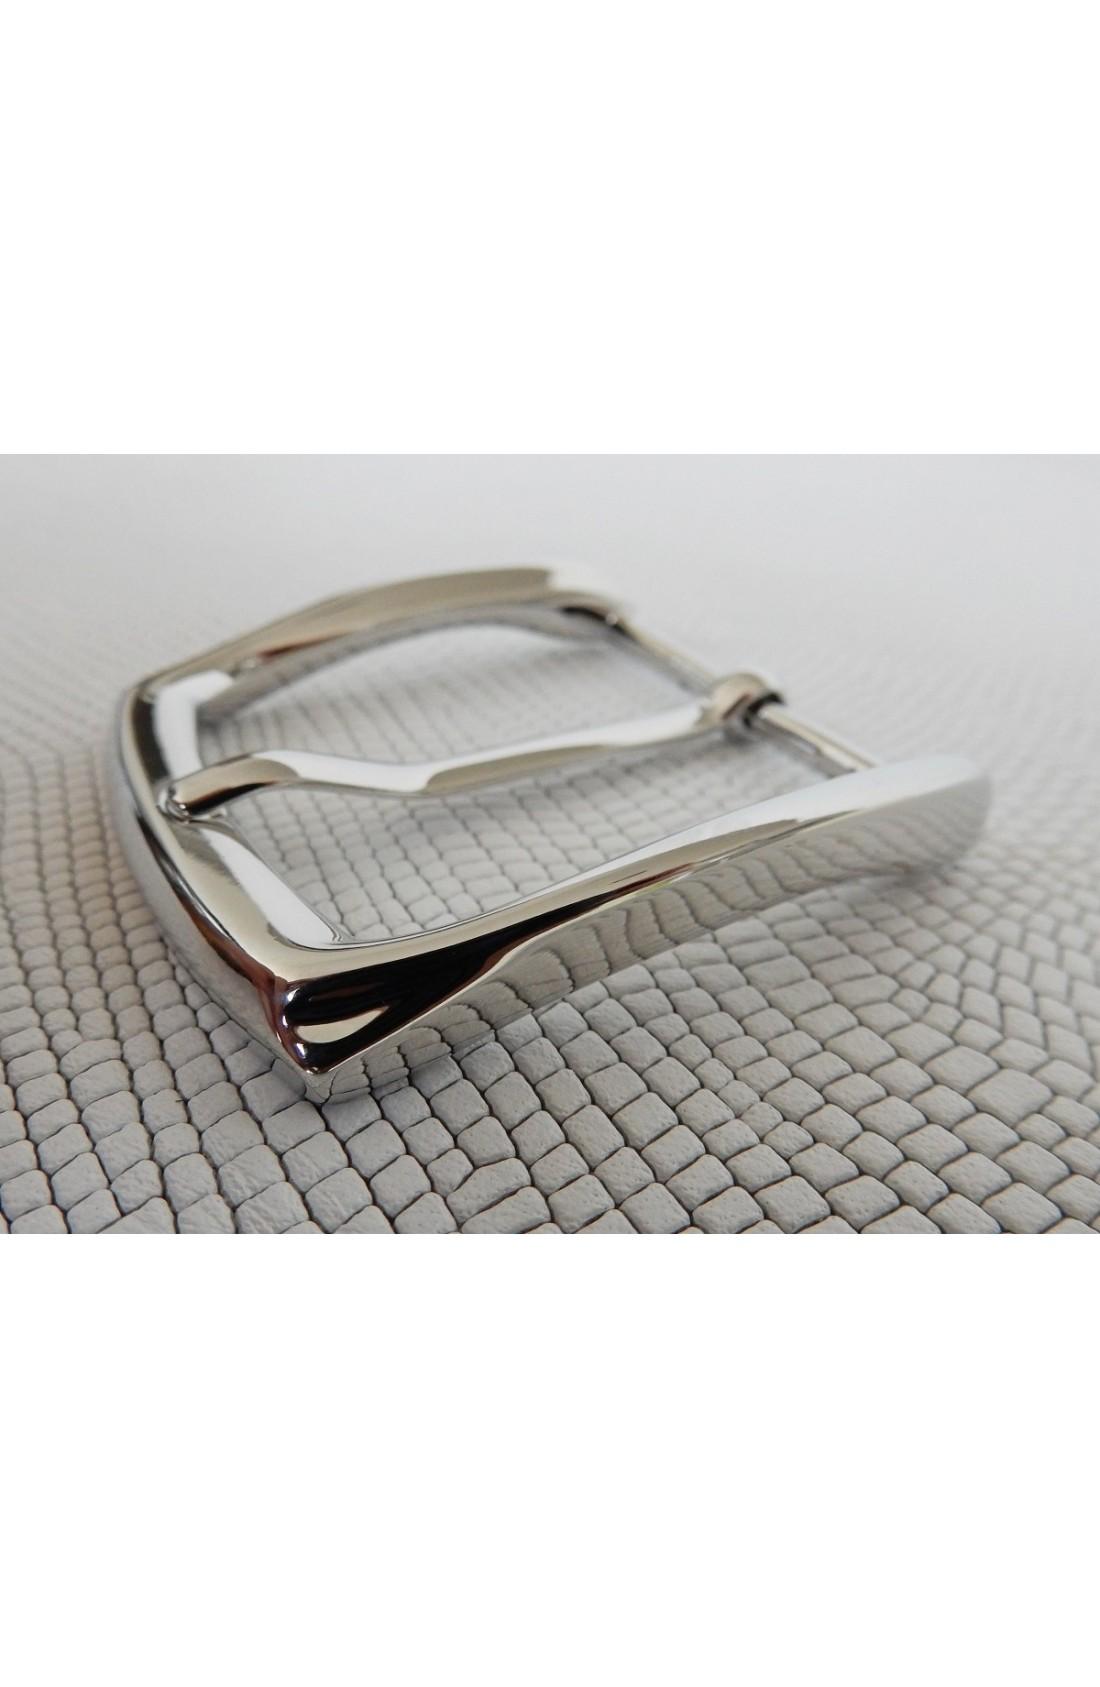 Fibbia Standard L 111 mm.35 nikel free (3)